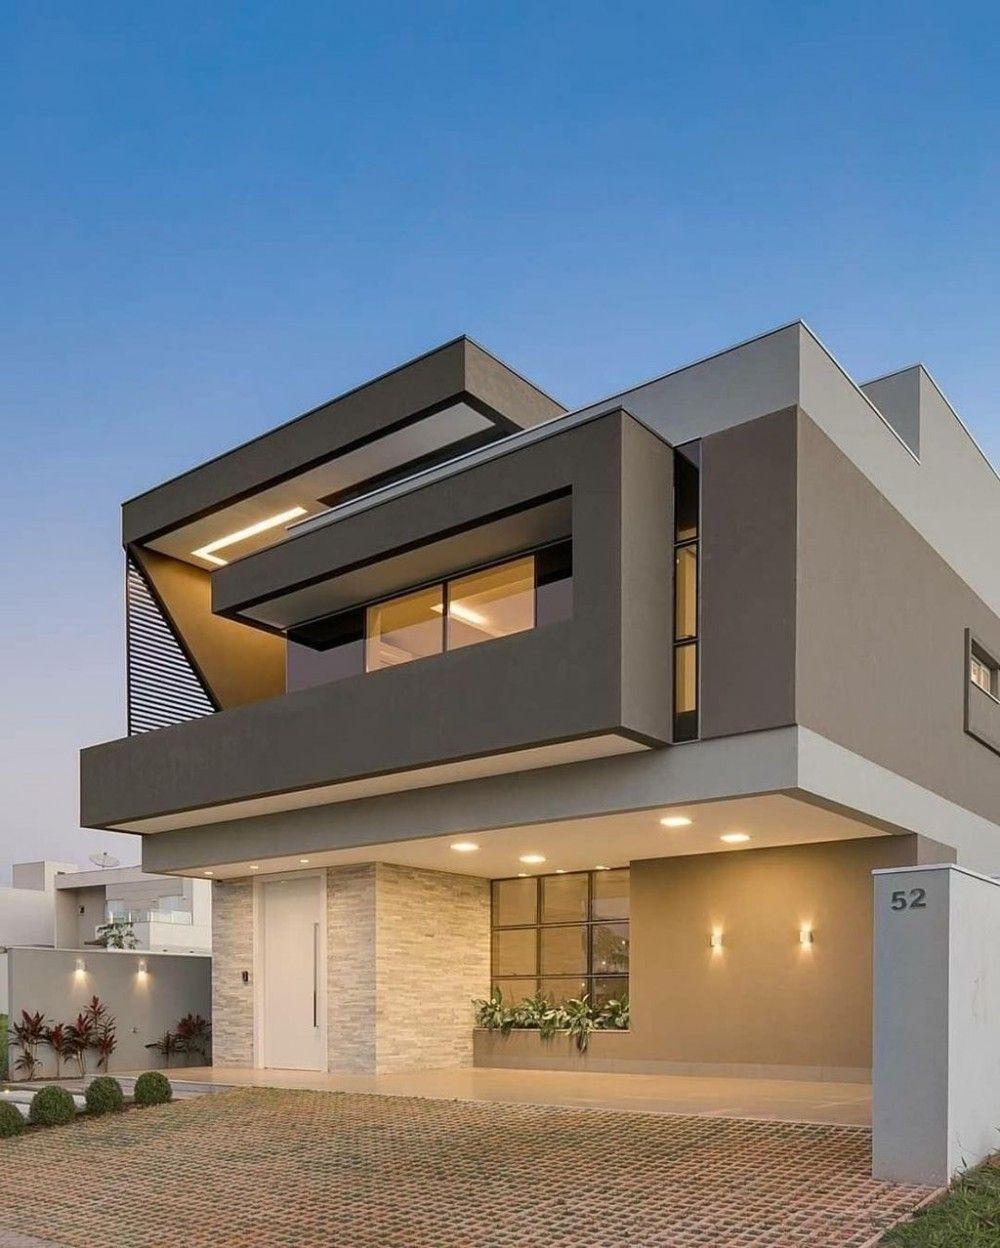 Architettura Case Moderne Idee modern interior house design trend for 2020 (con immagini